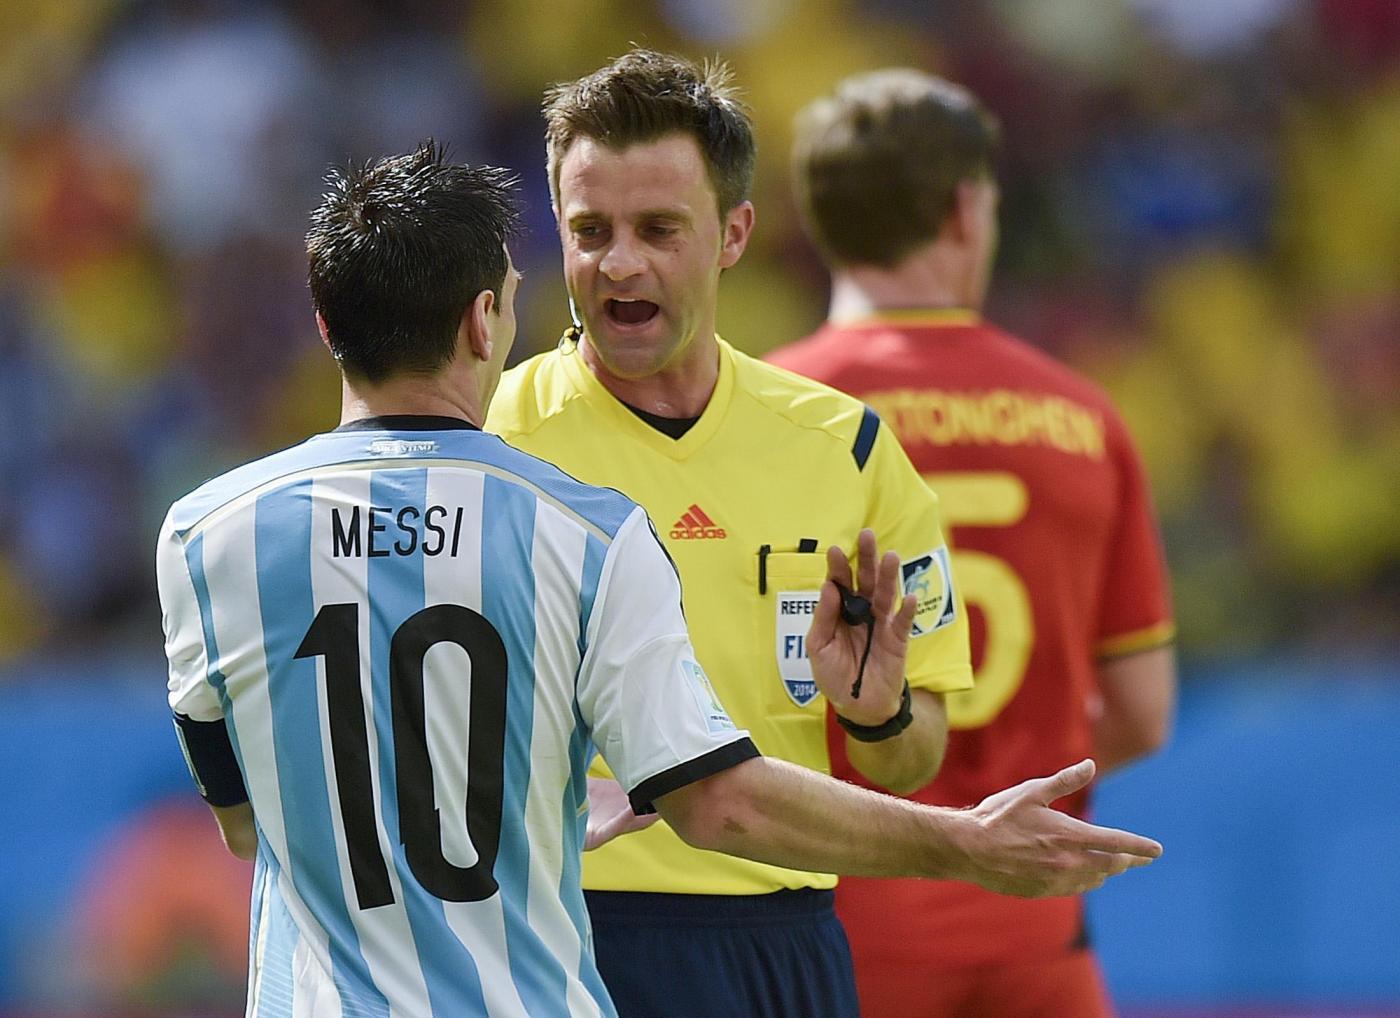 Mondiali 2014: tutte le finali arbitrate dagli italiani